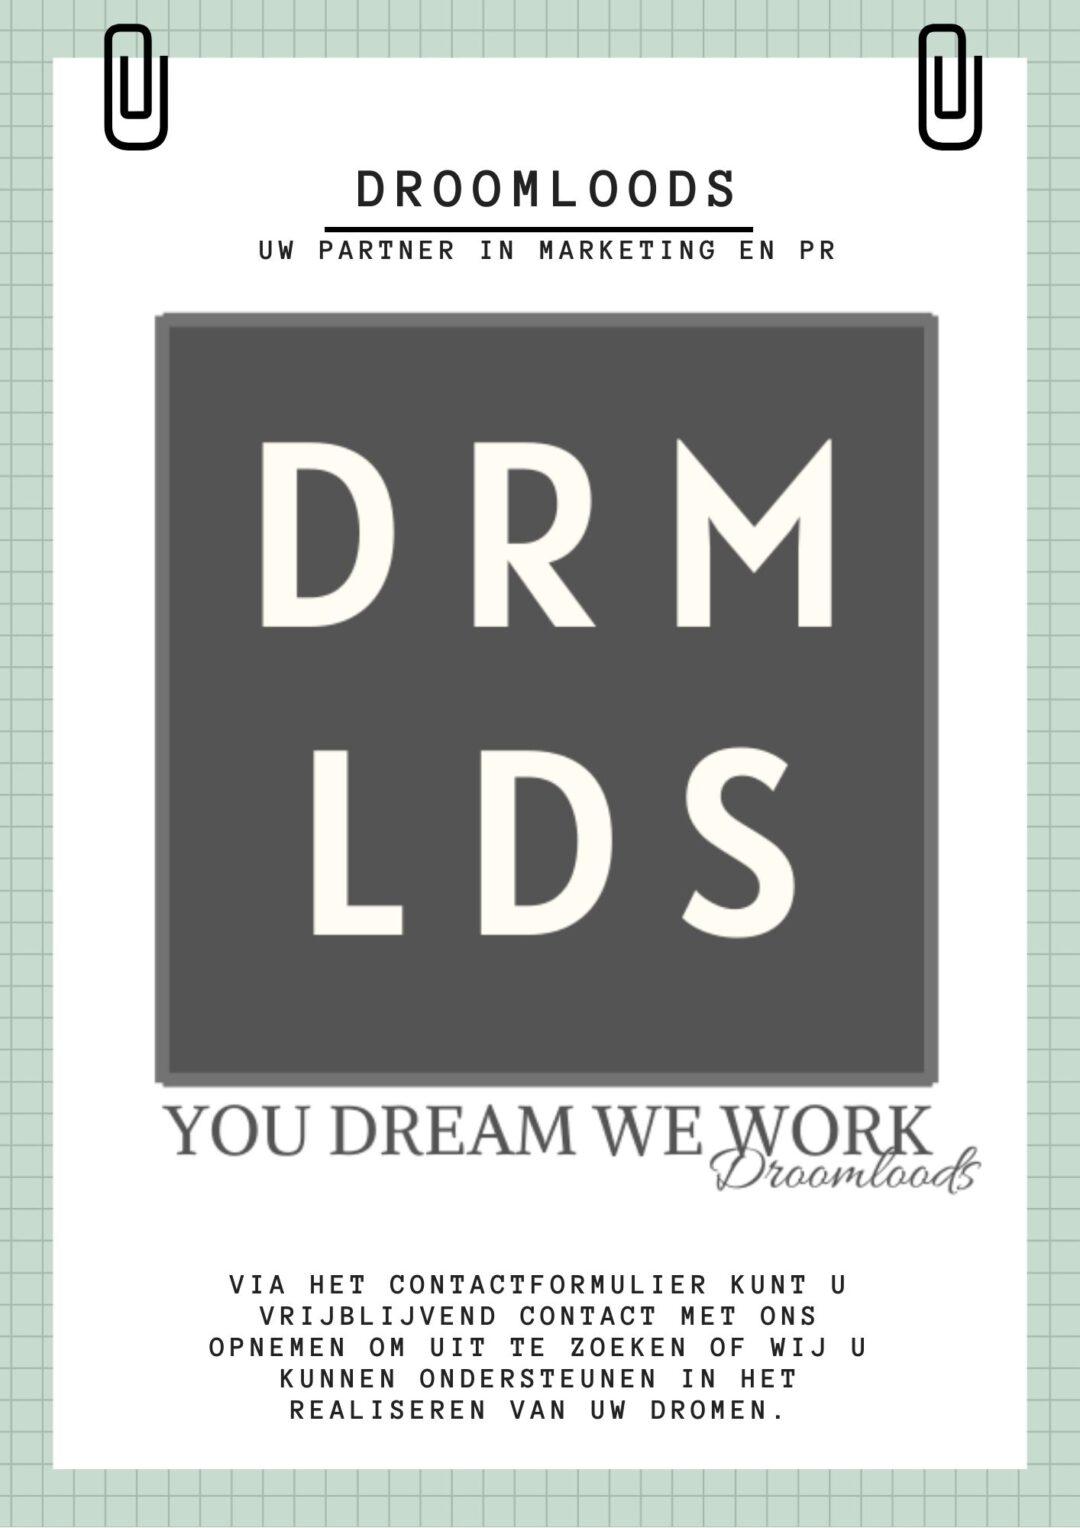 Droomloods is uw partner in marketing en pr